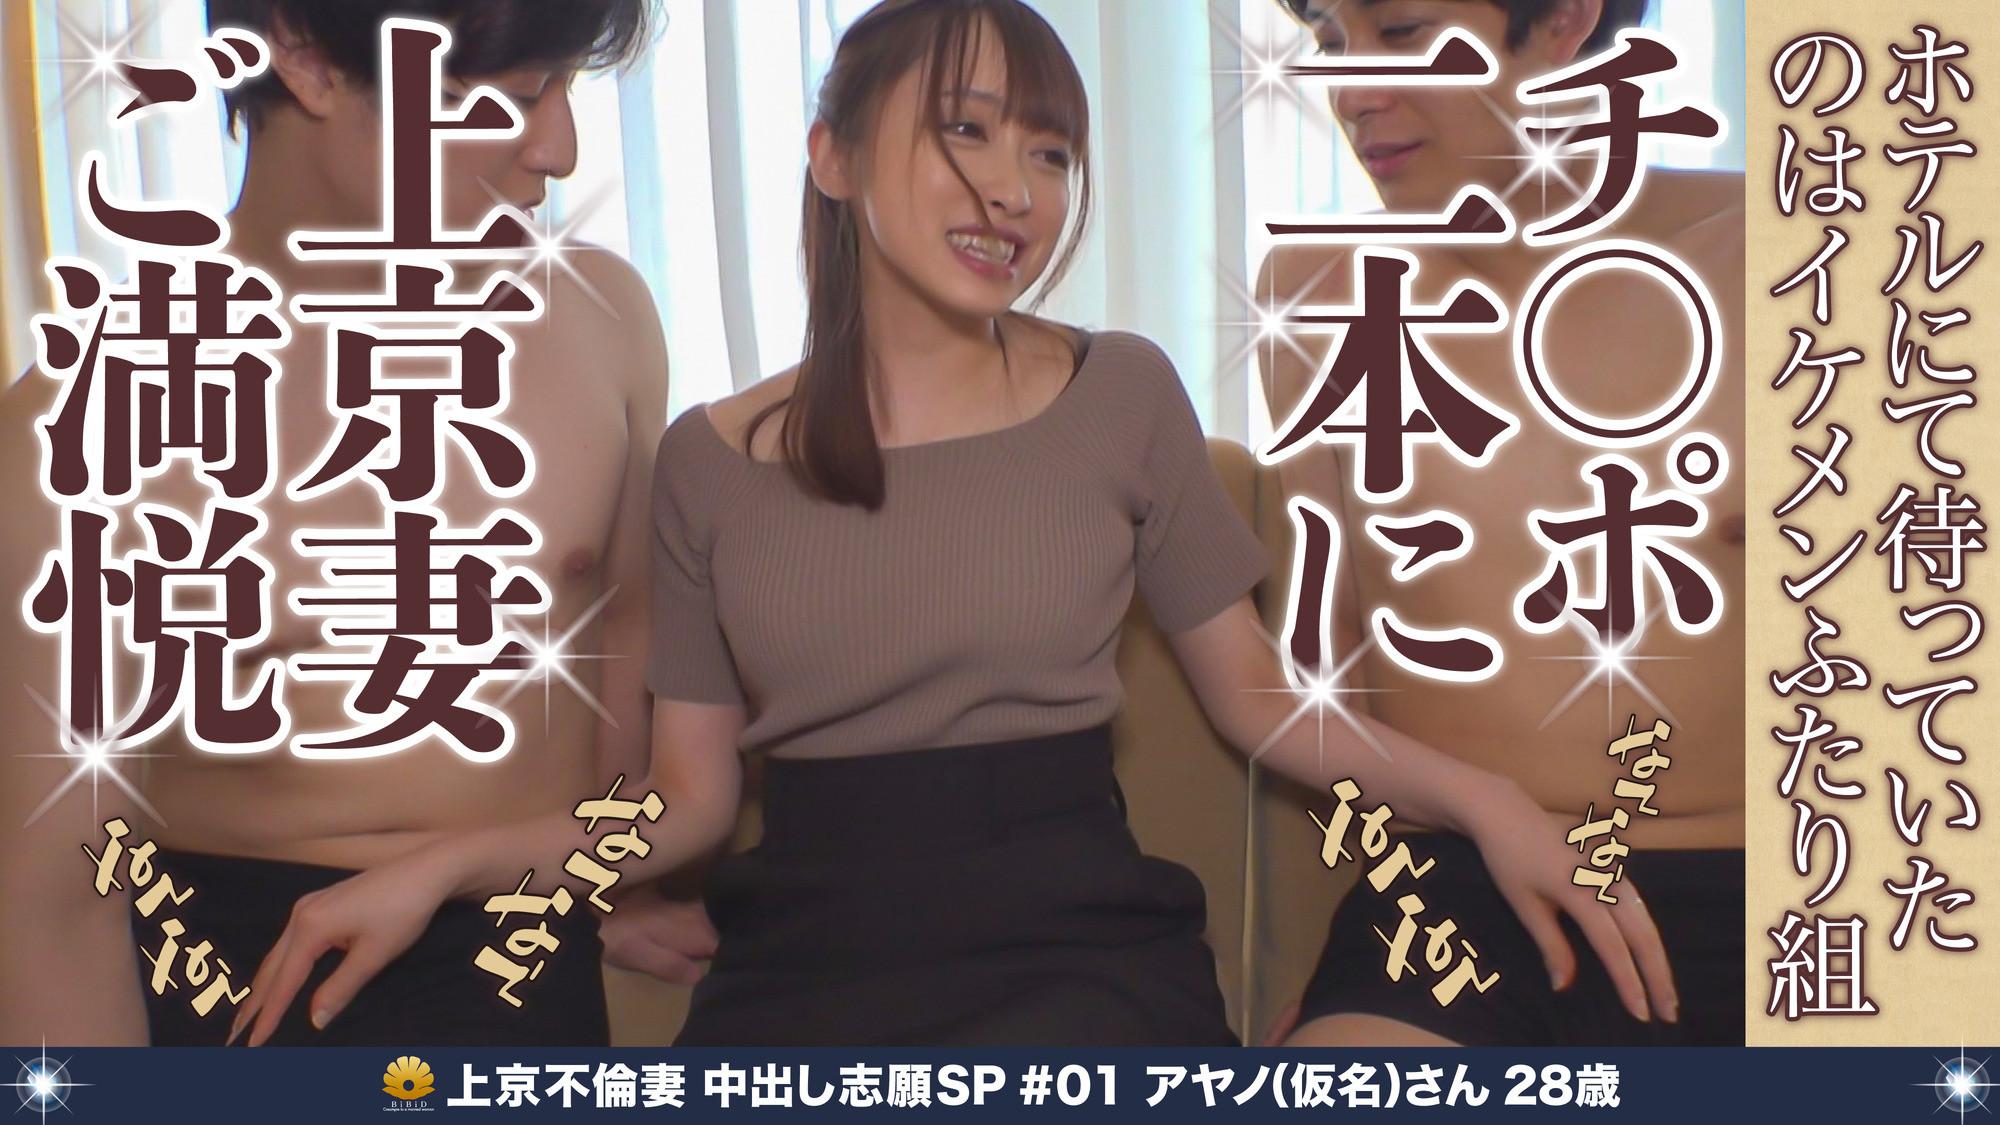 上京不倫妻 本当は色々攻められたい アヤノ(仮名)28歳